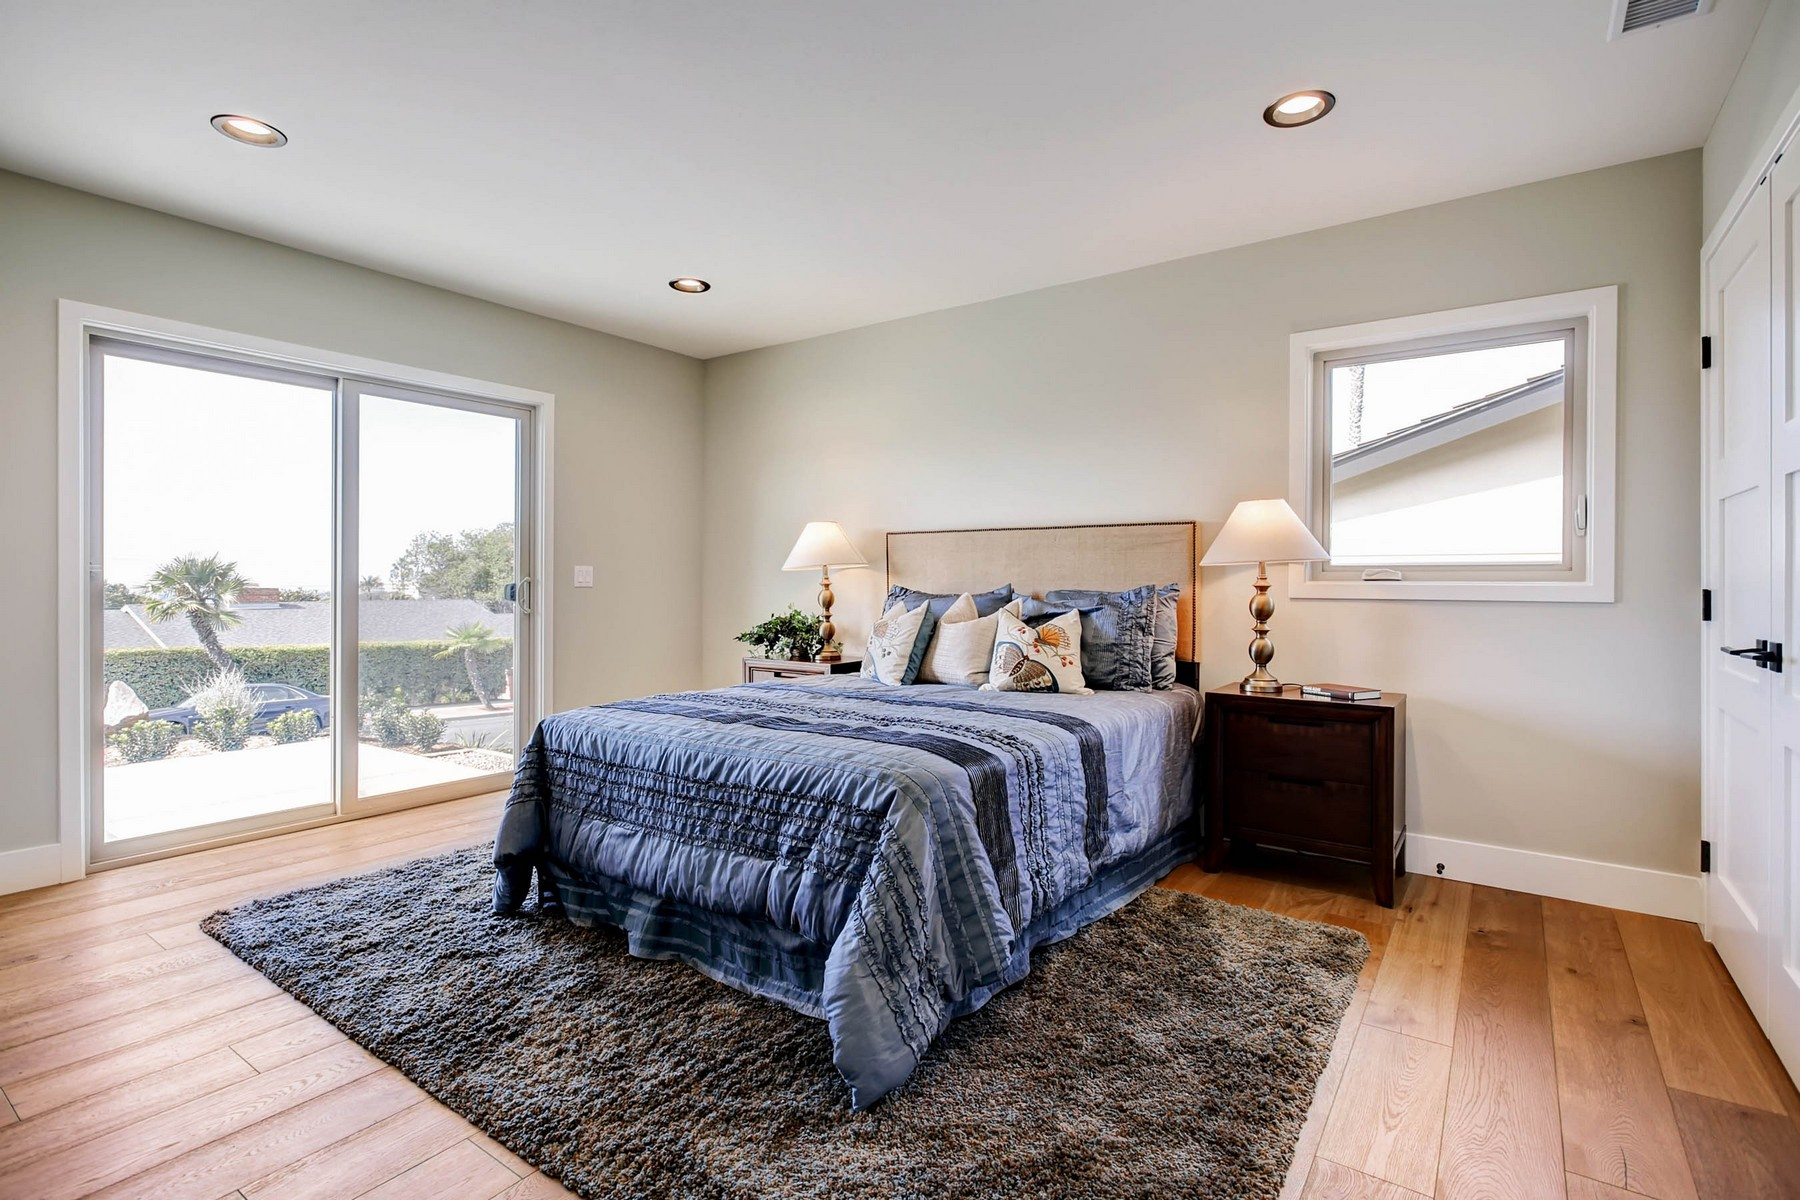 Additional photo for property listing at 6645 Avenida De Las Pescas  La Jolla, Калифорния 92037 Соединенные Штаты